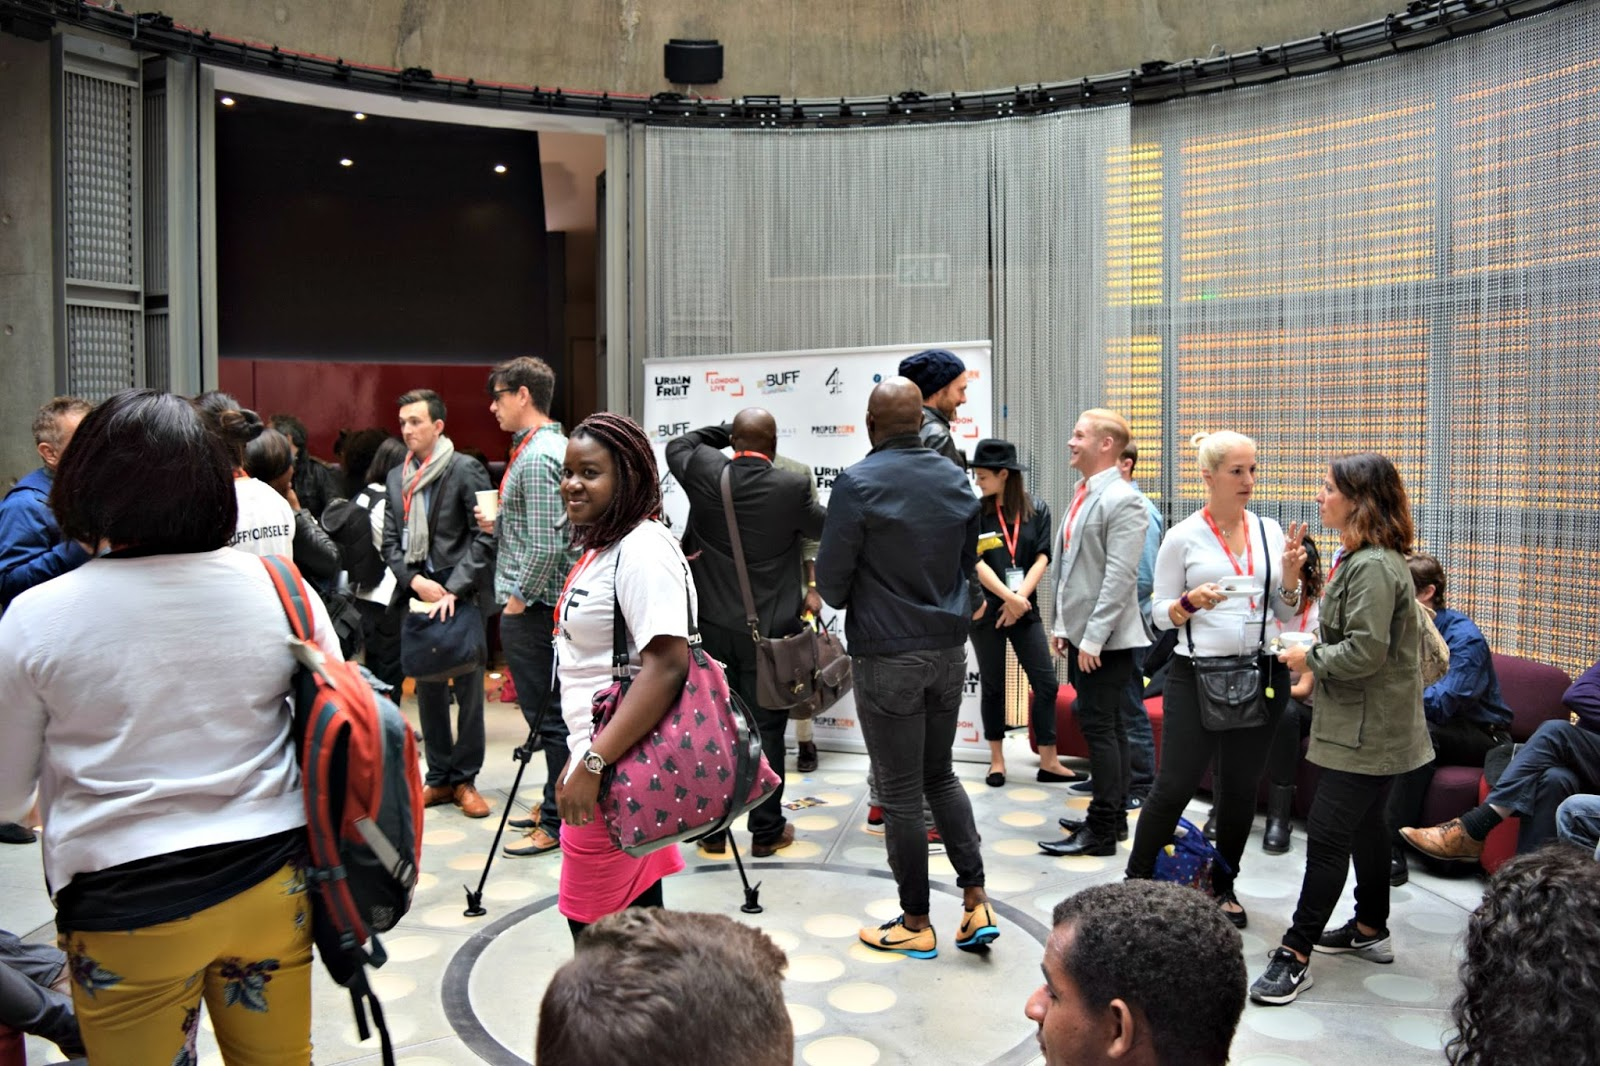 The British Urban Film Festival press conference